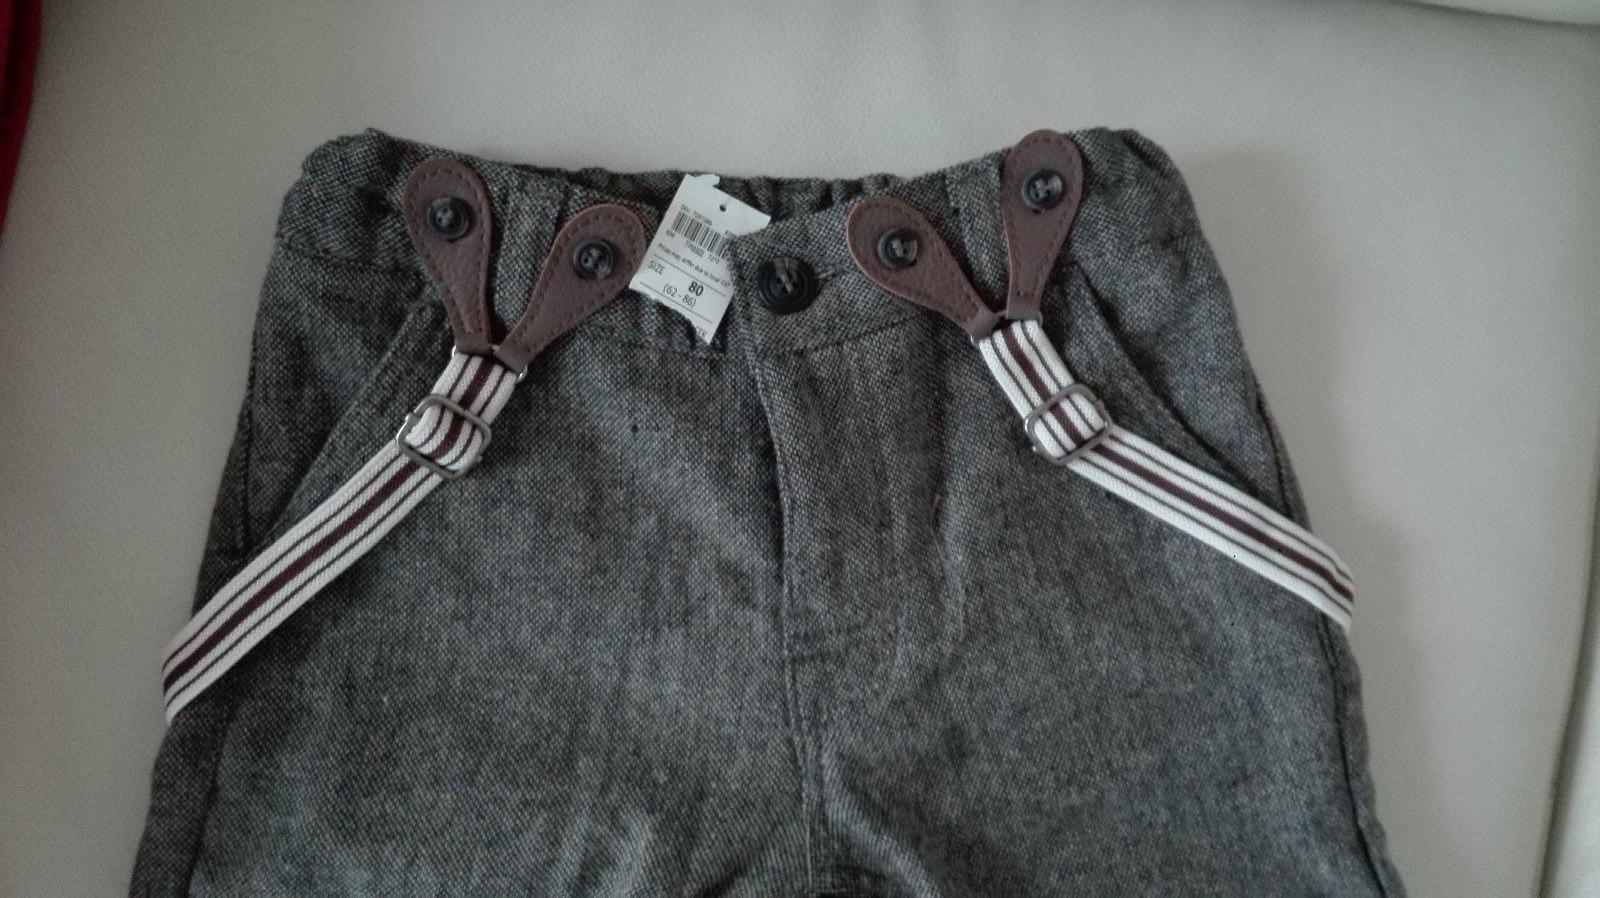 c10633c705 Zimne nohavice nenosene